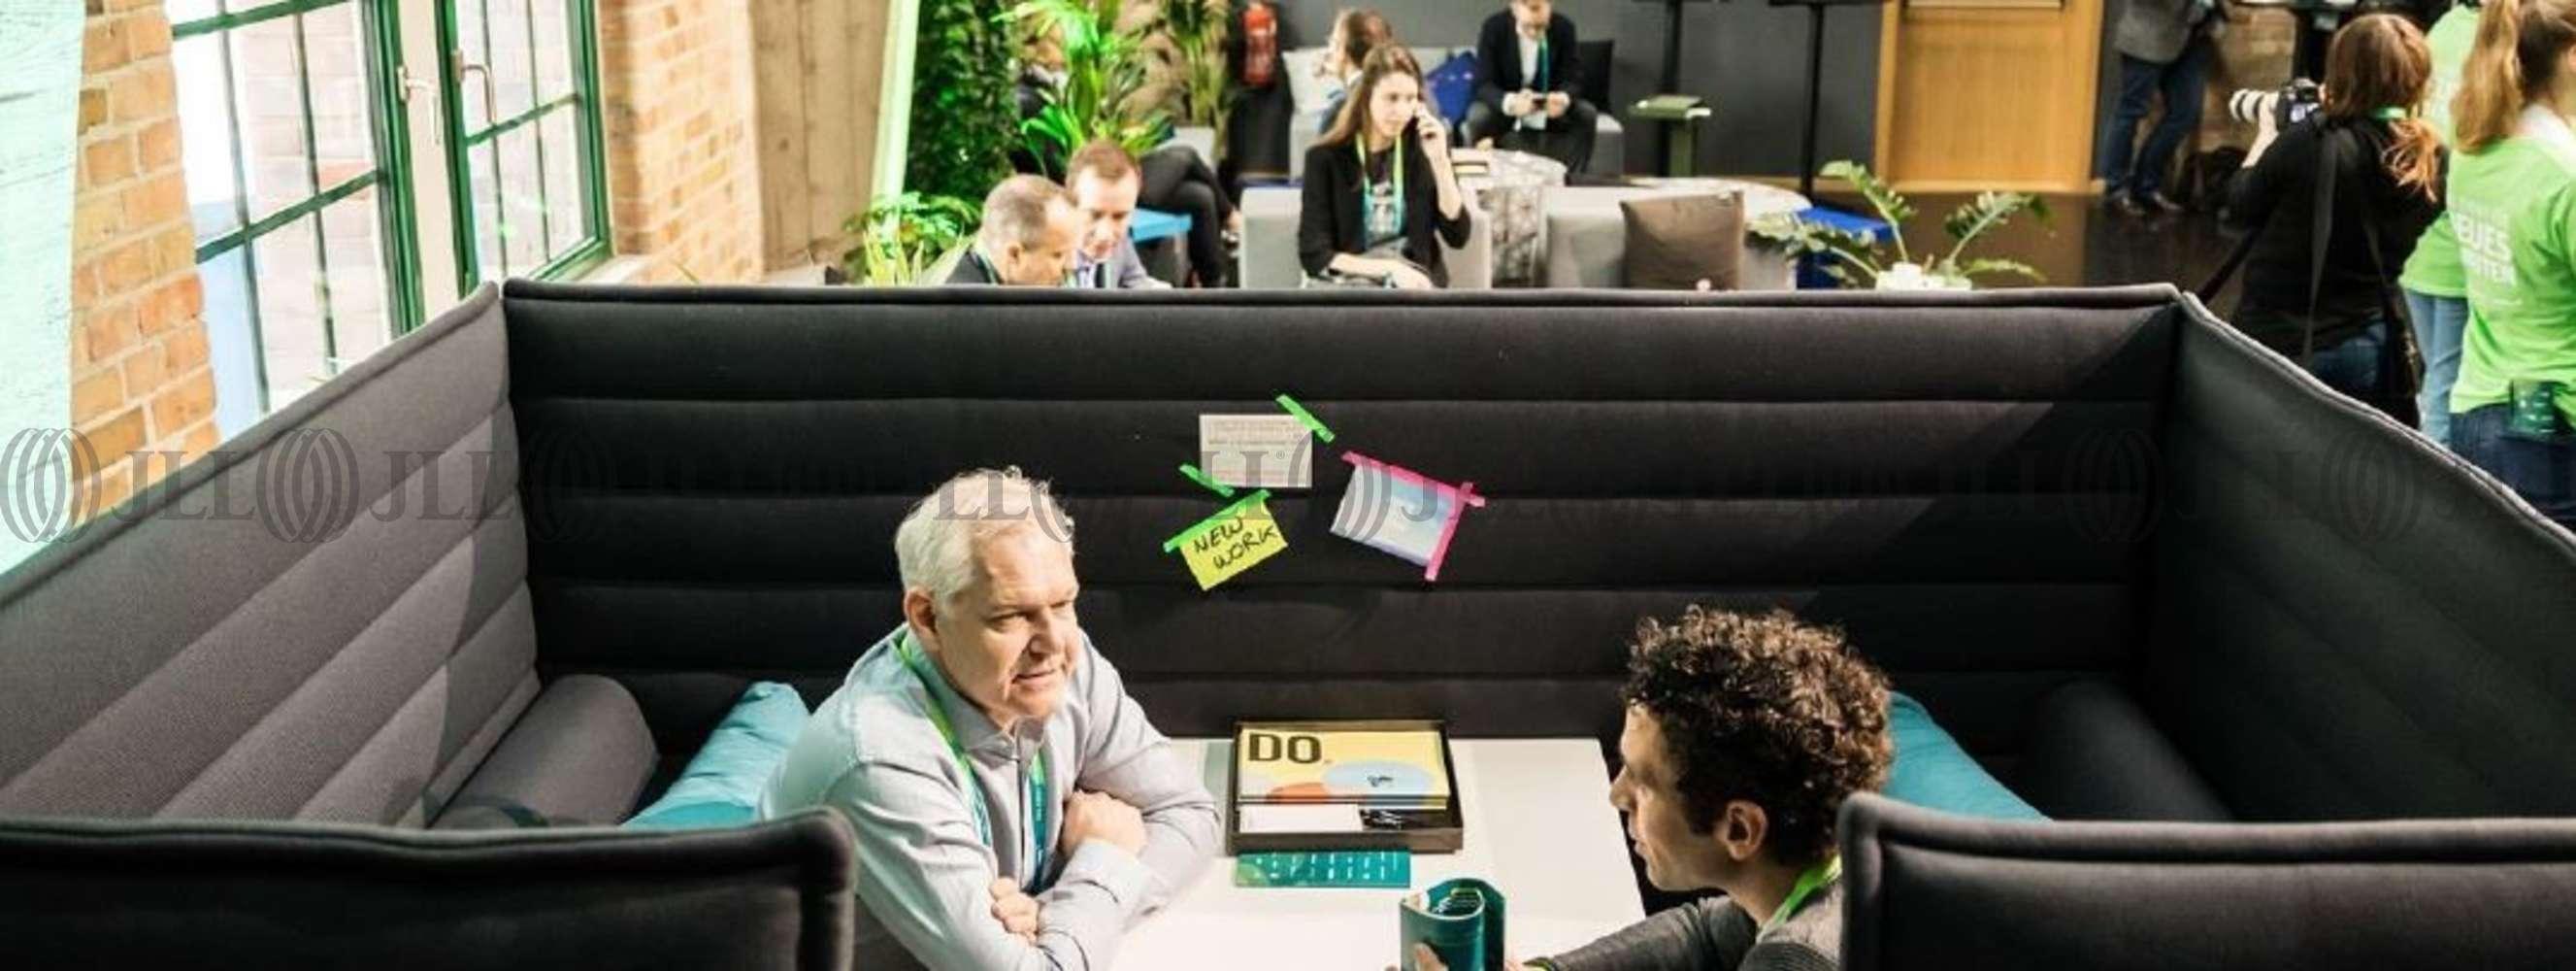 Coworking / flex office Berlin, 10243 -  Berlin - C0160